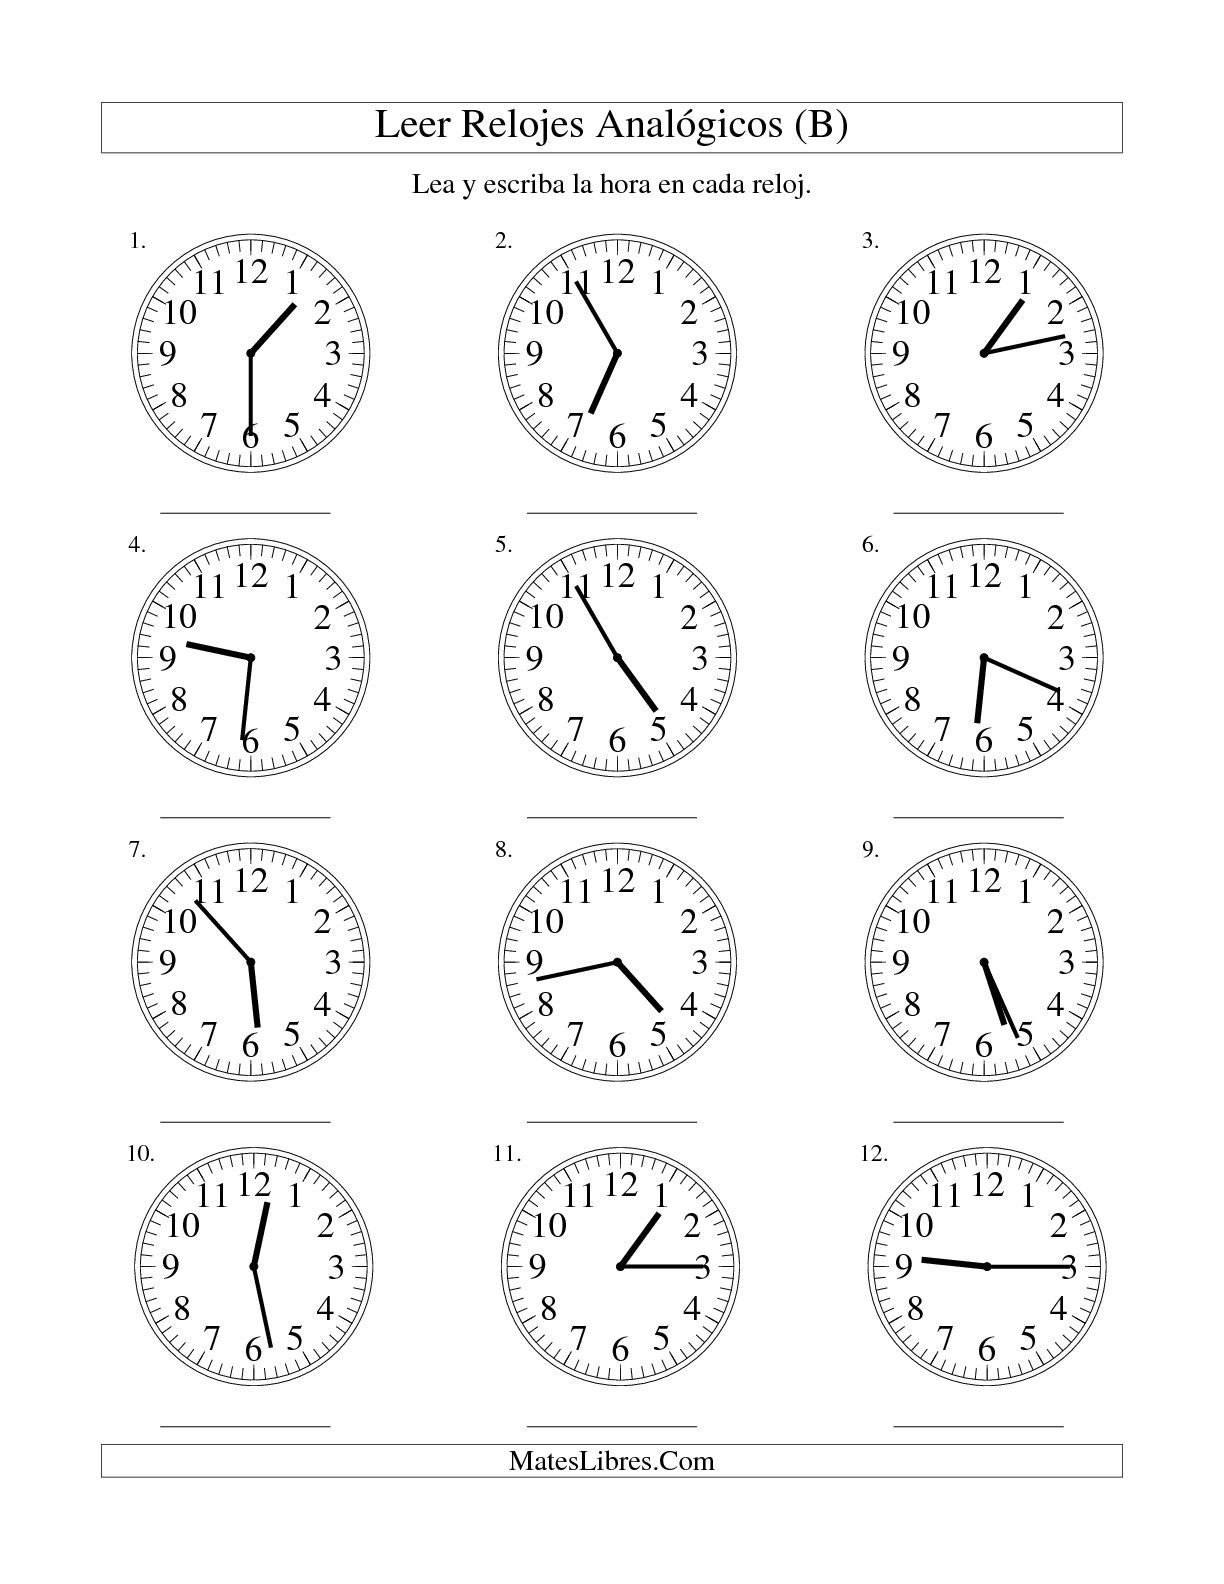 La Hoja De Ejercicios De Matematicas De Leer La Hora En Un